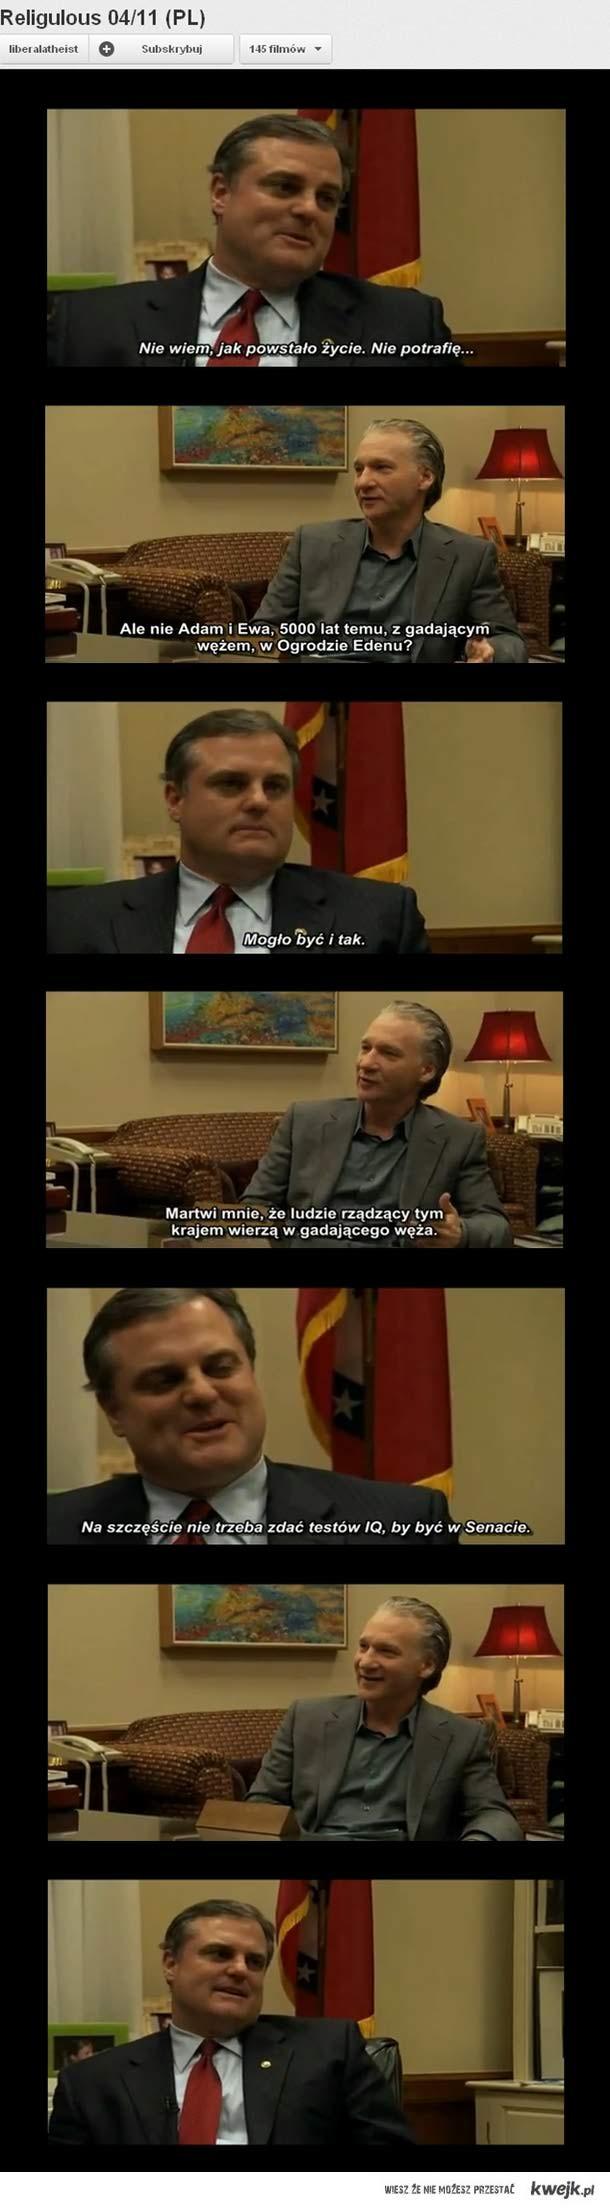 przeinteligentny senator chrześcijan